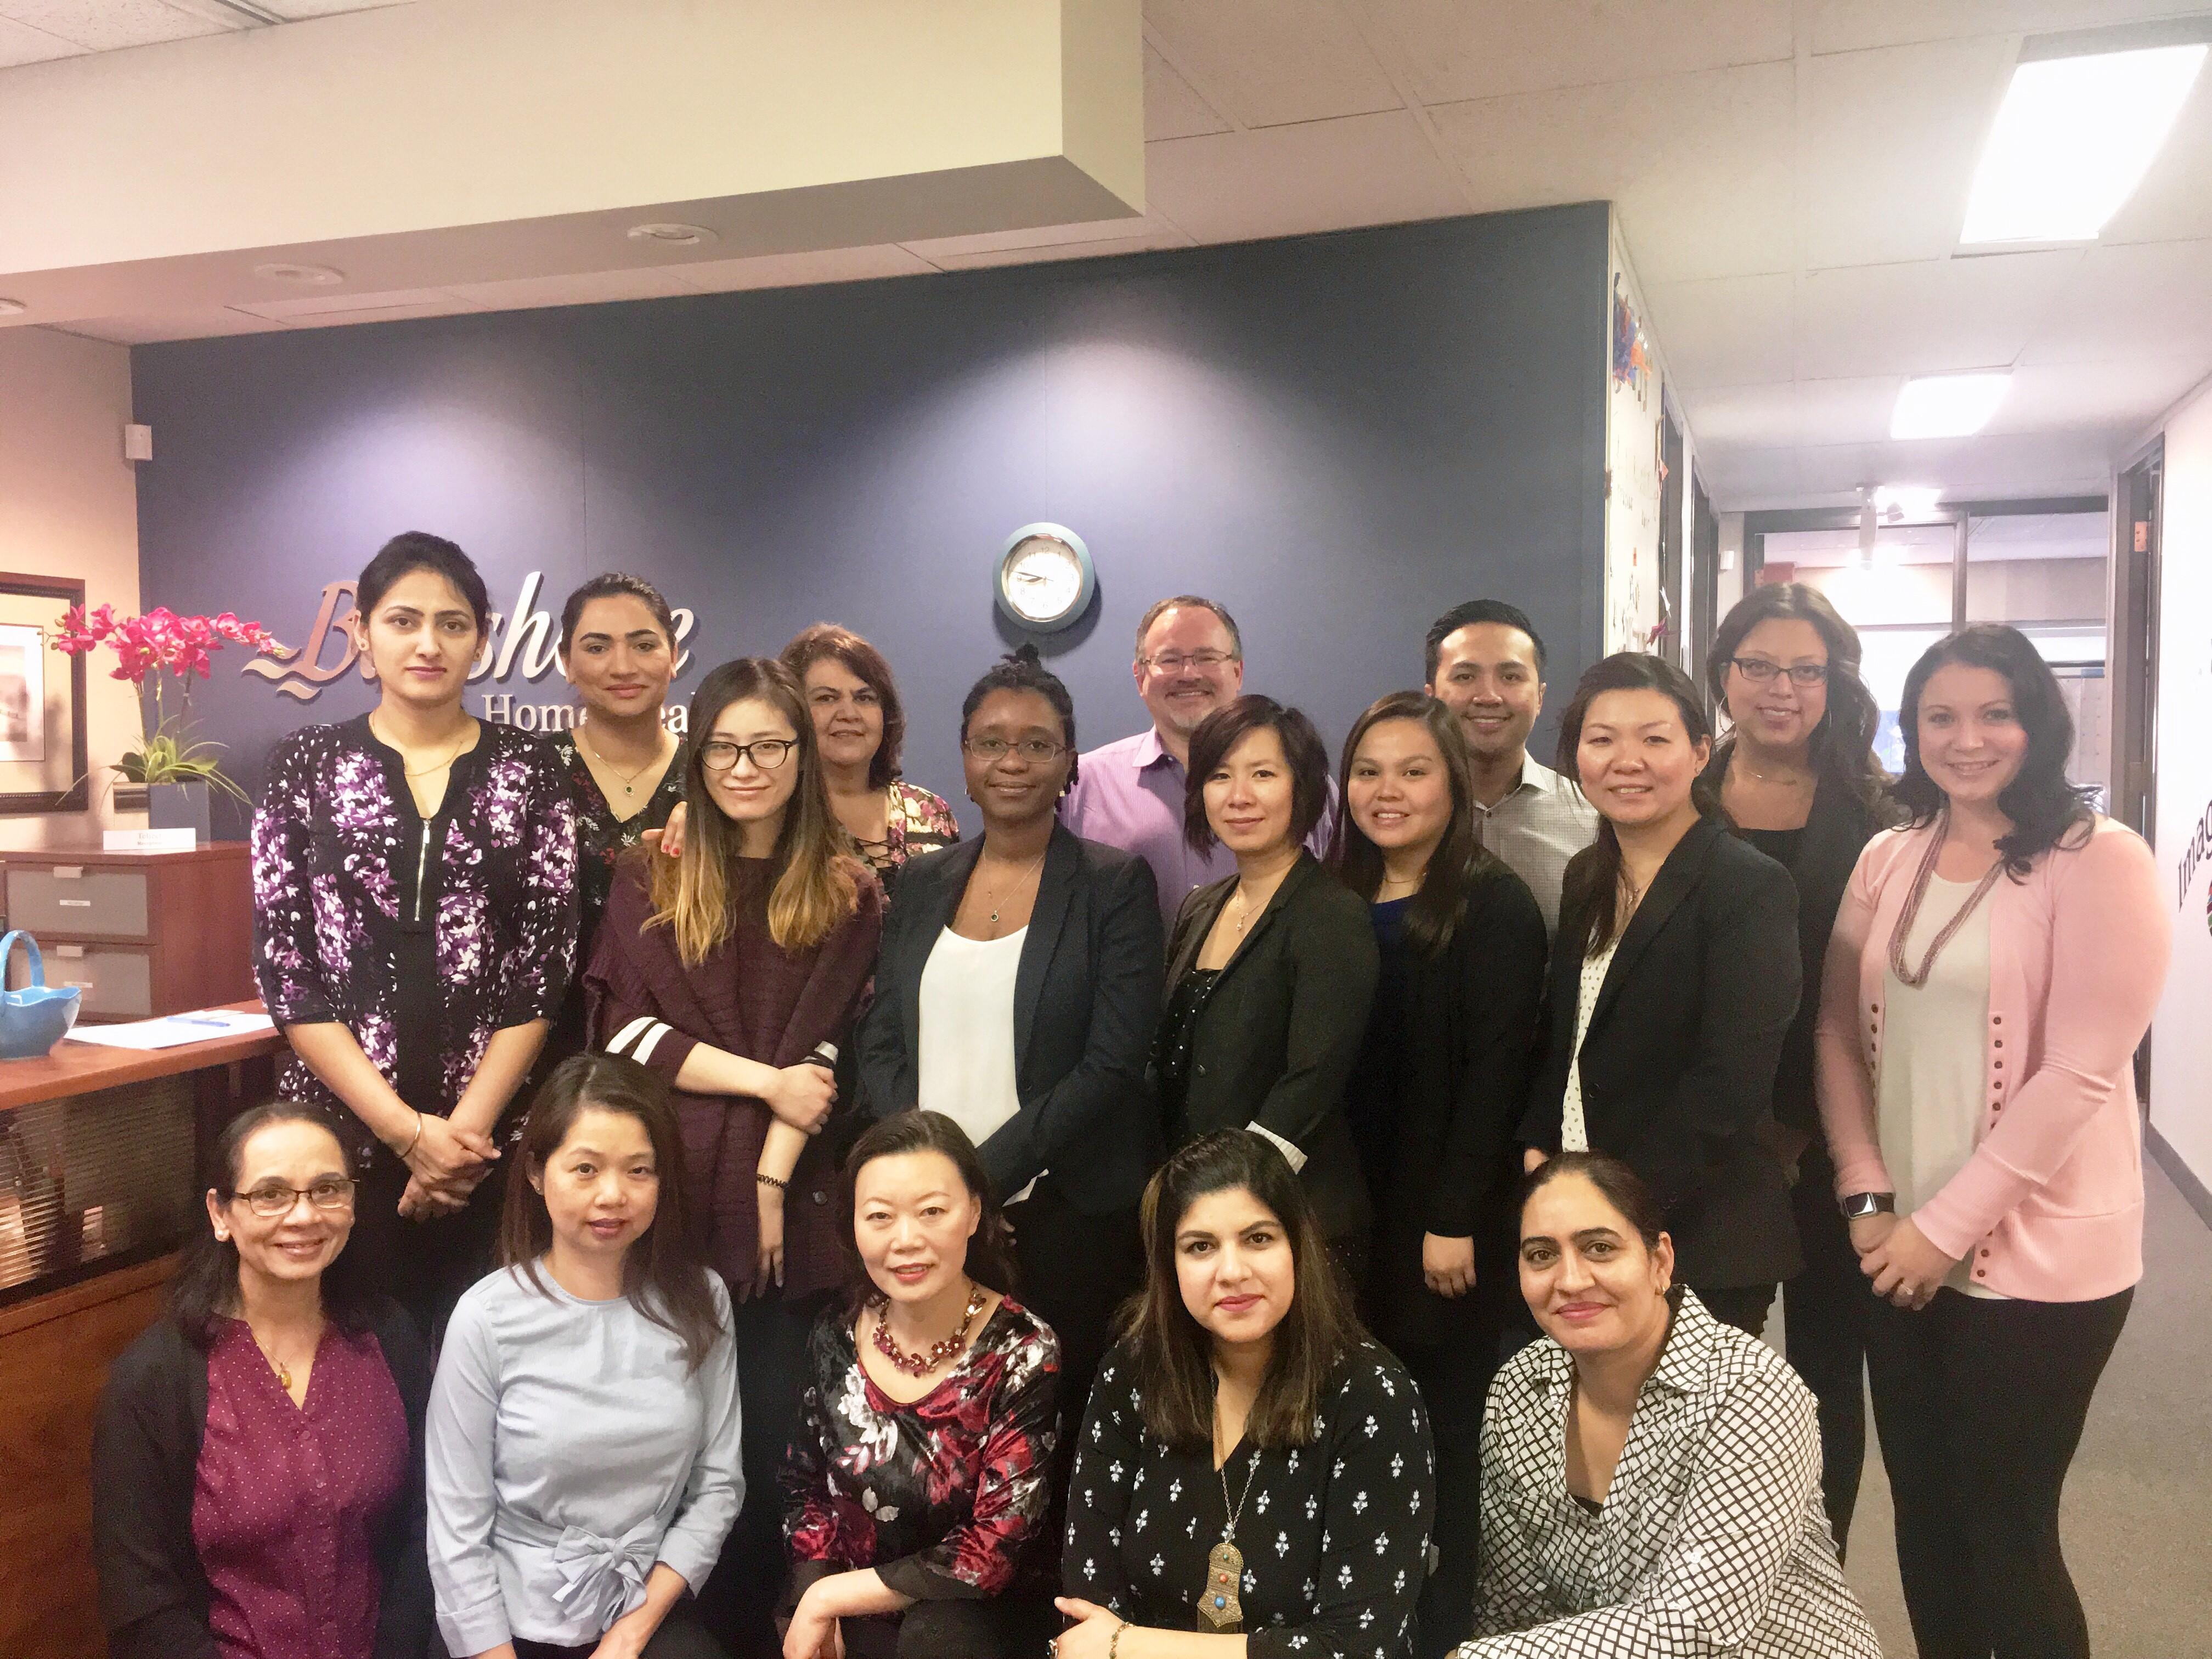 Bayshore Home Care Solutions Calgary team